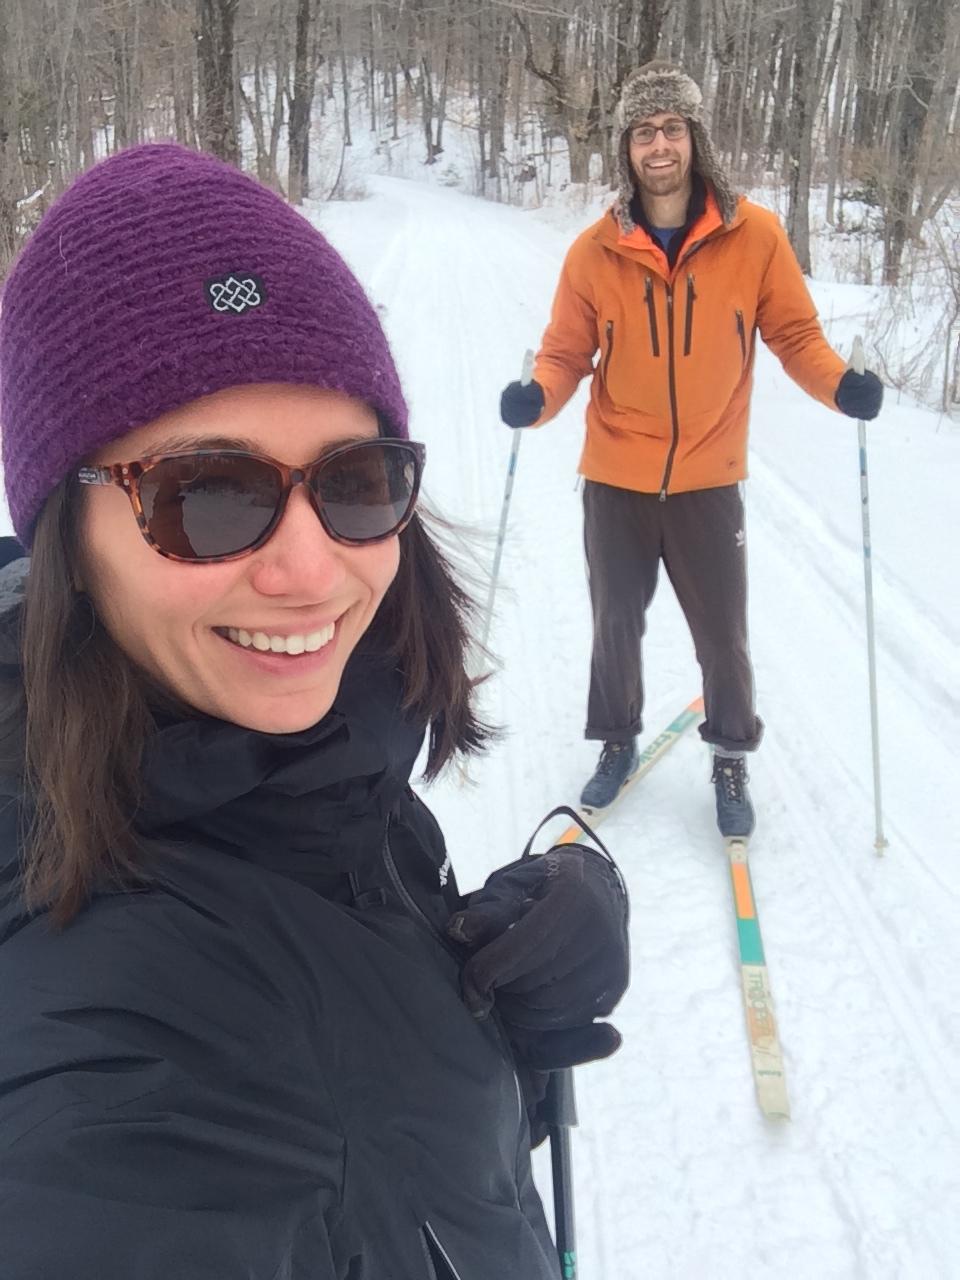 xctry ski